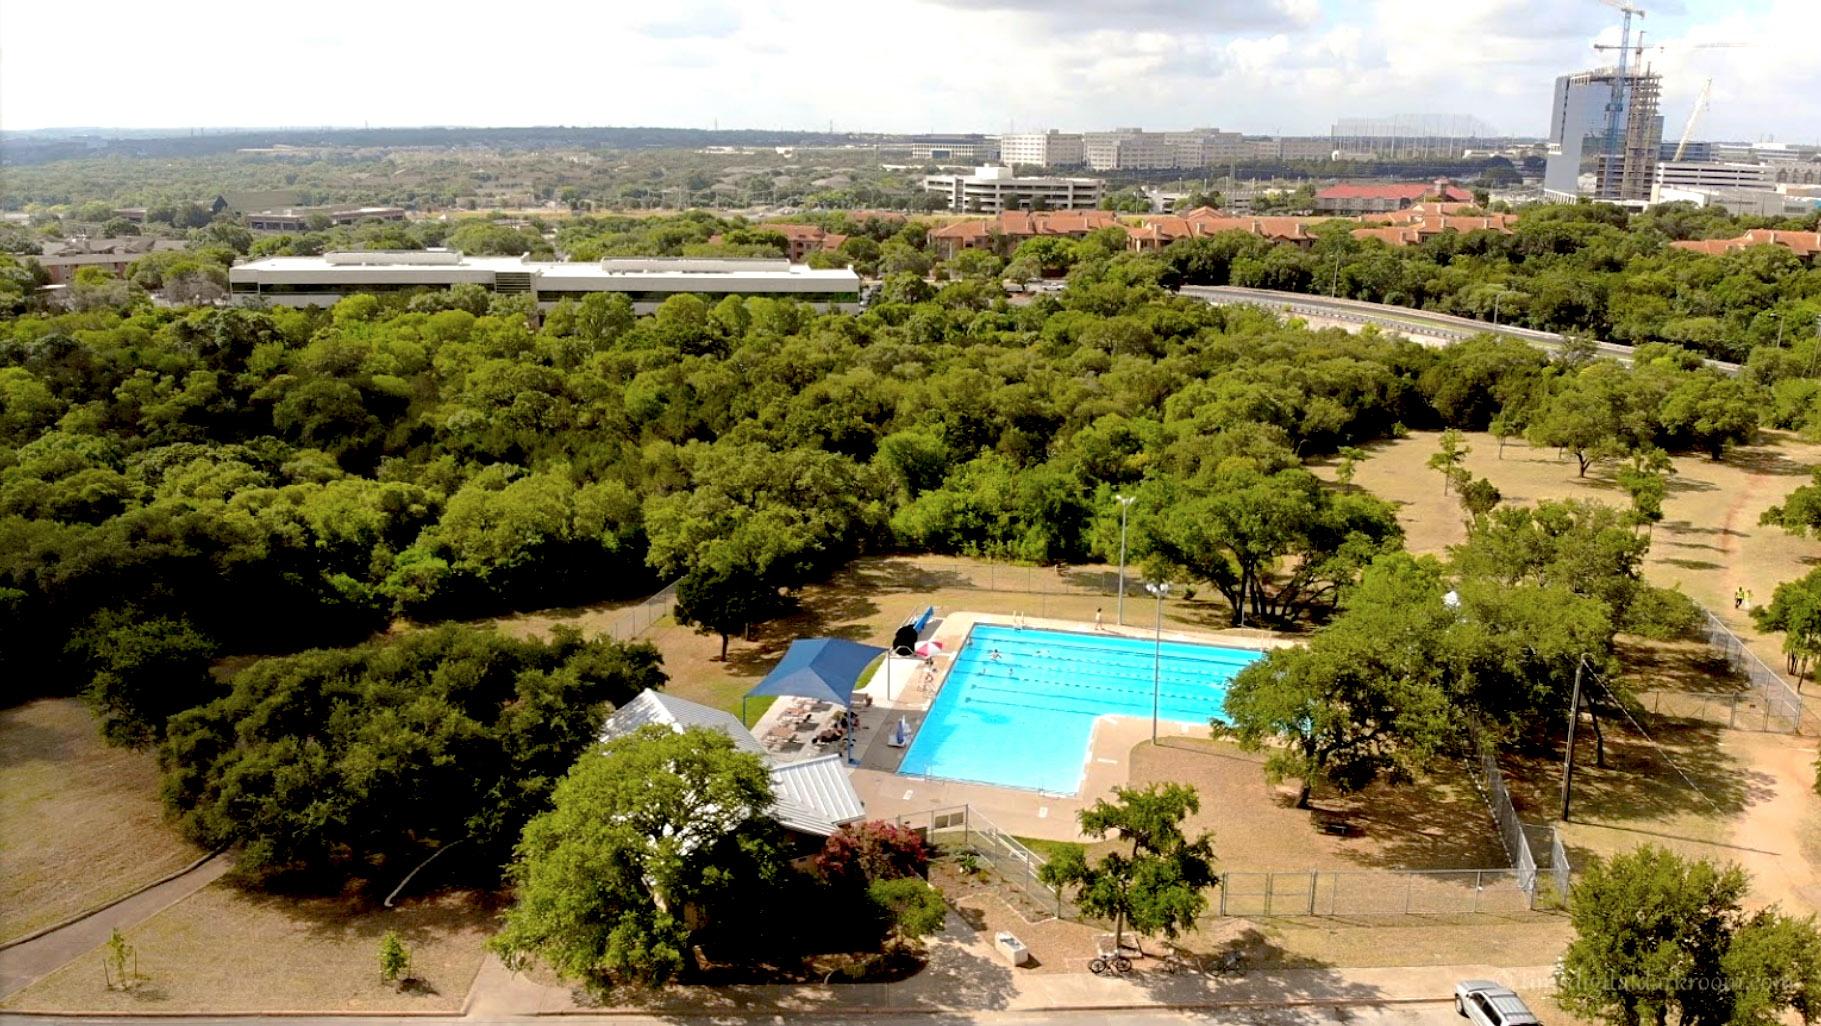 Image of Balcones Neighborhood Pool